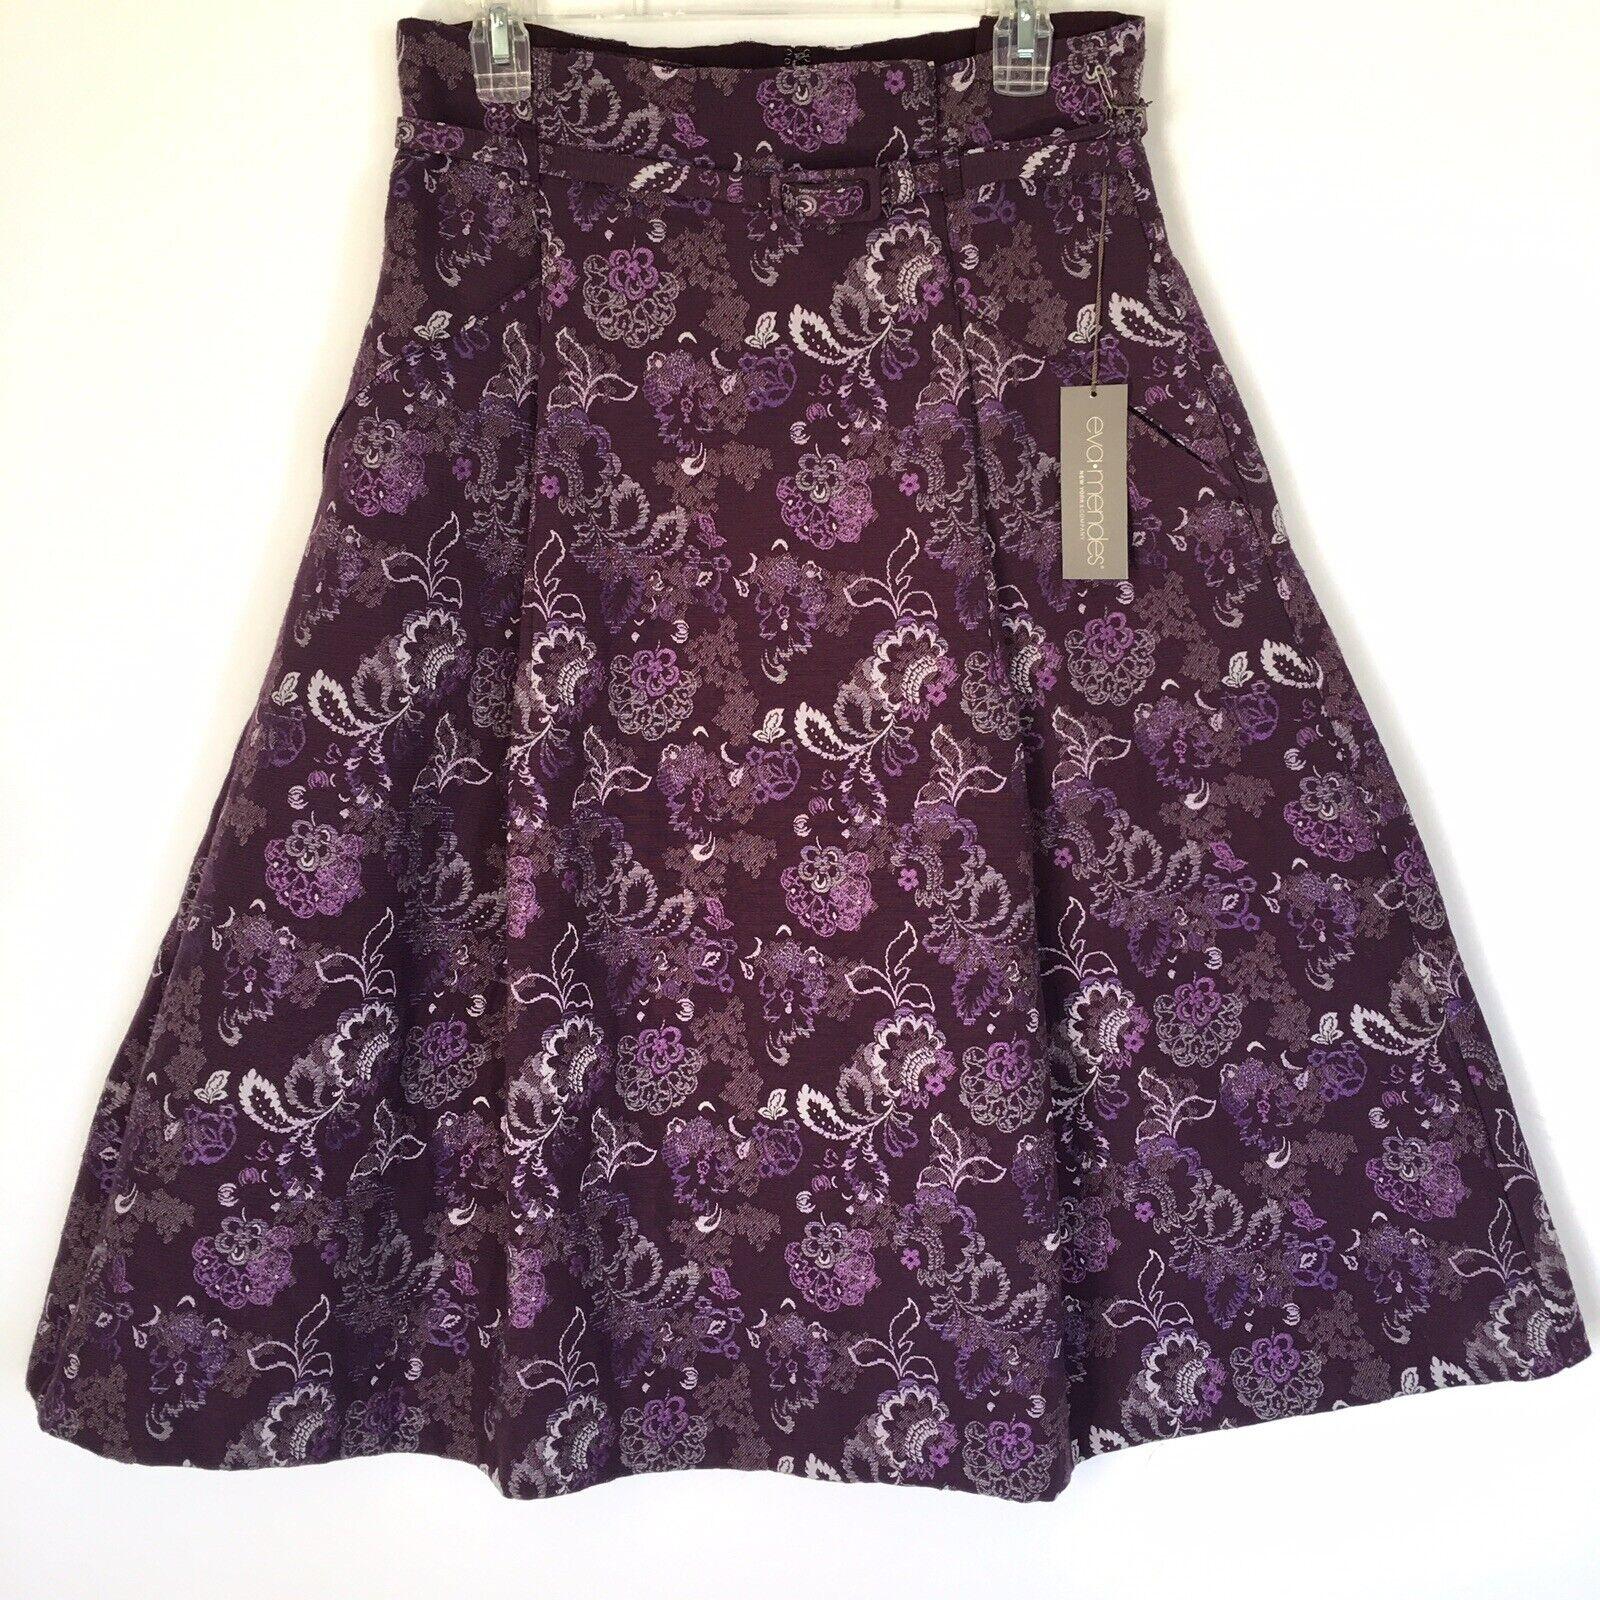 NY&Co Eva Mendes Emmanuele Purple Jacquard Skirt Size 10 A Line High Waist